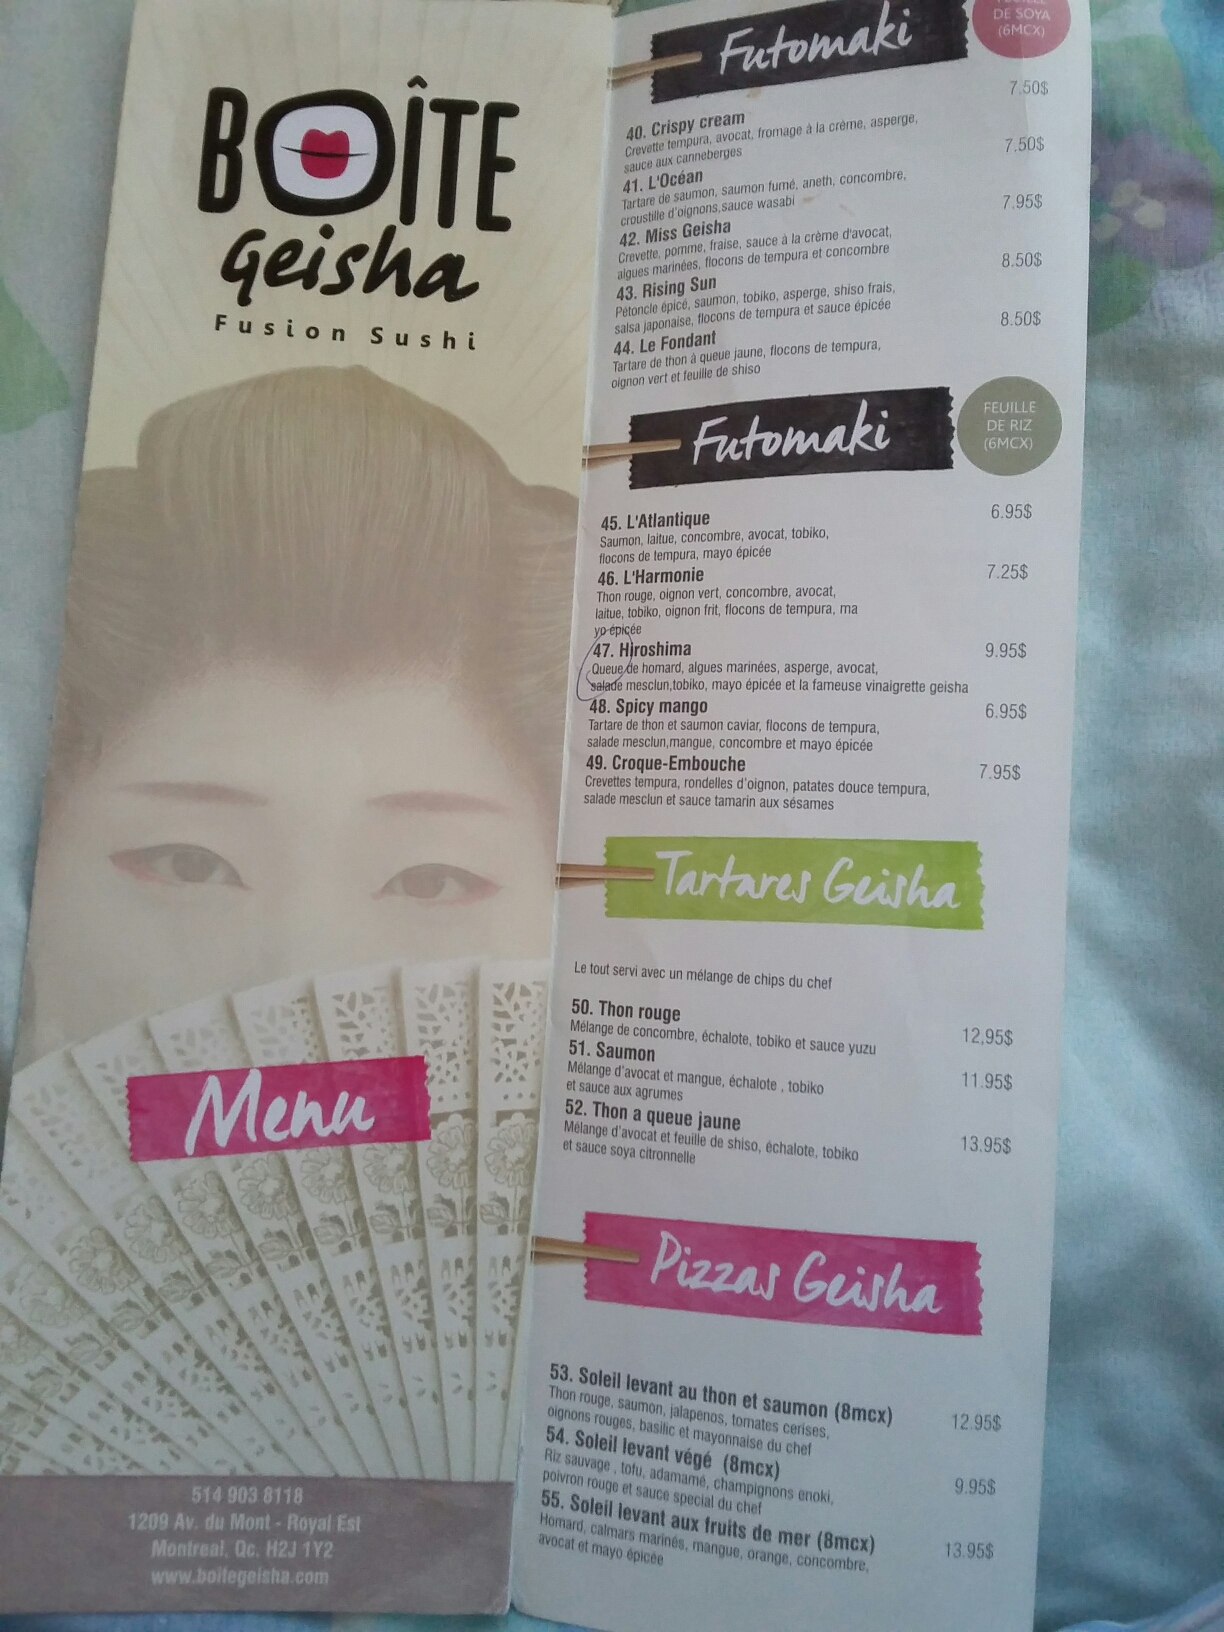 Boite Geisha - Restaurant